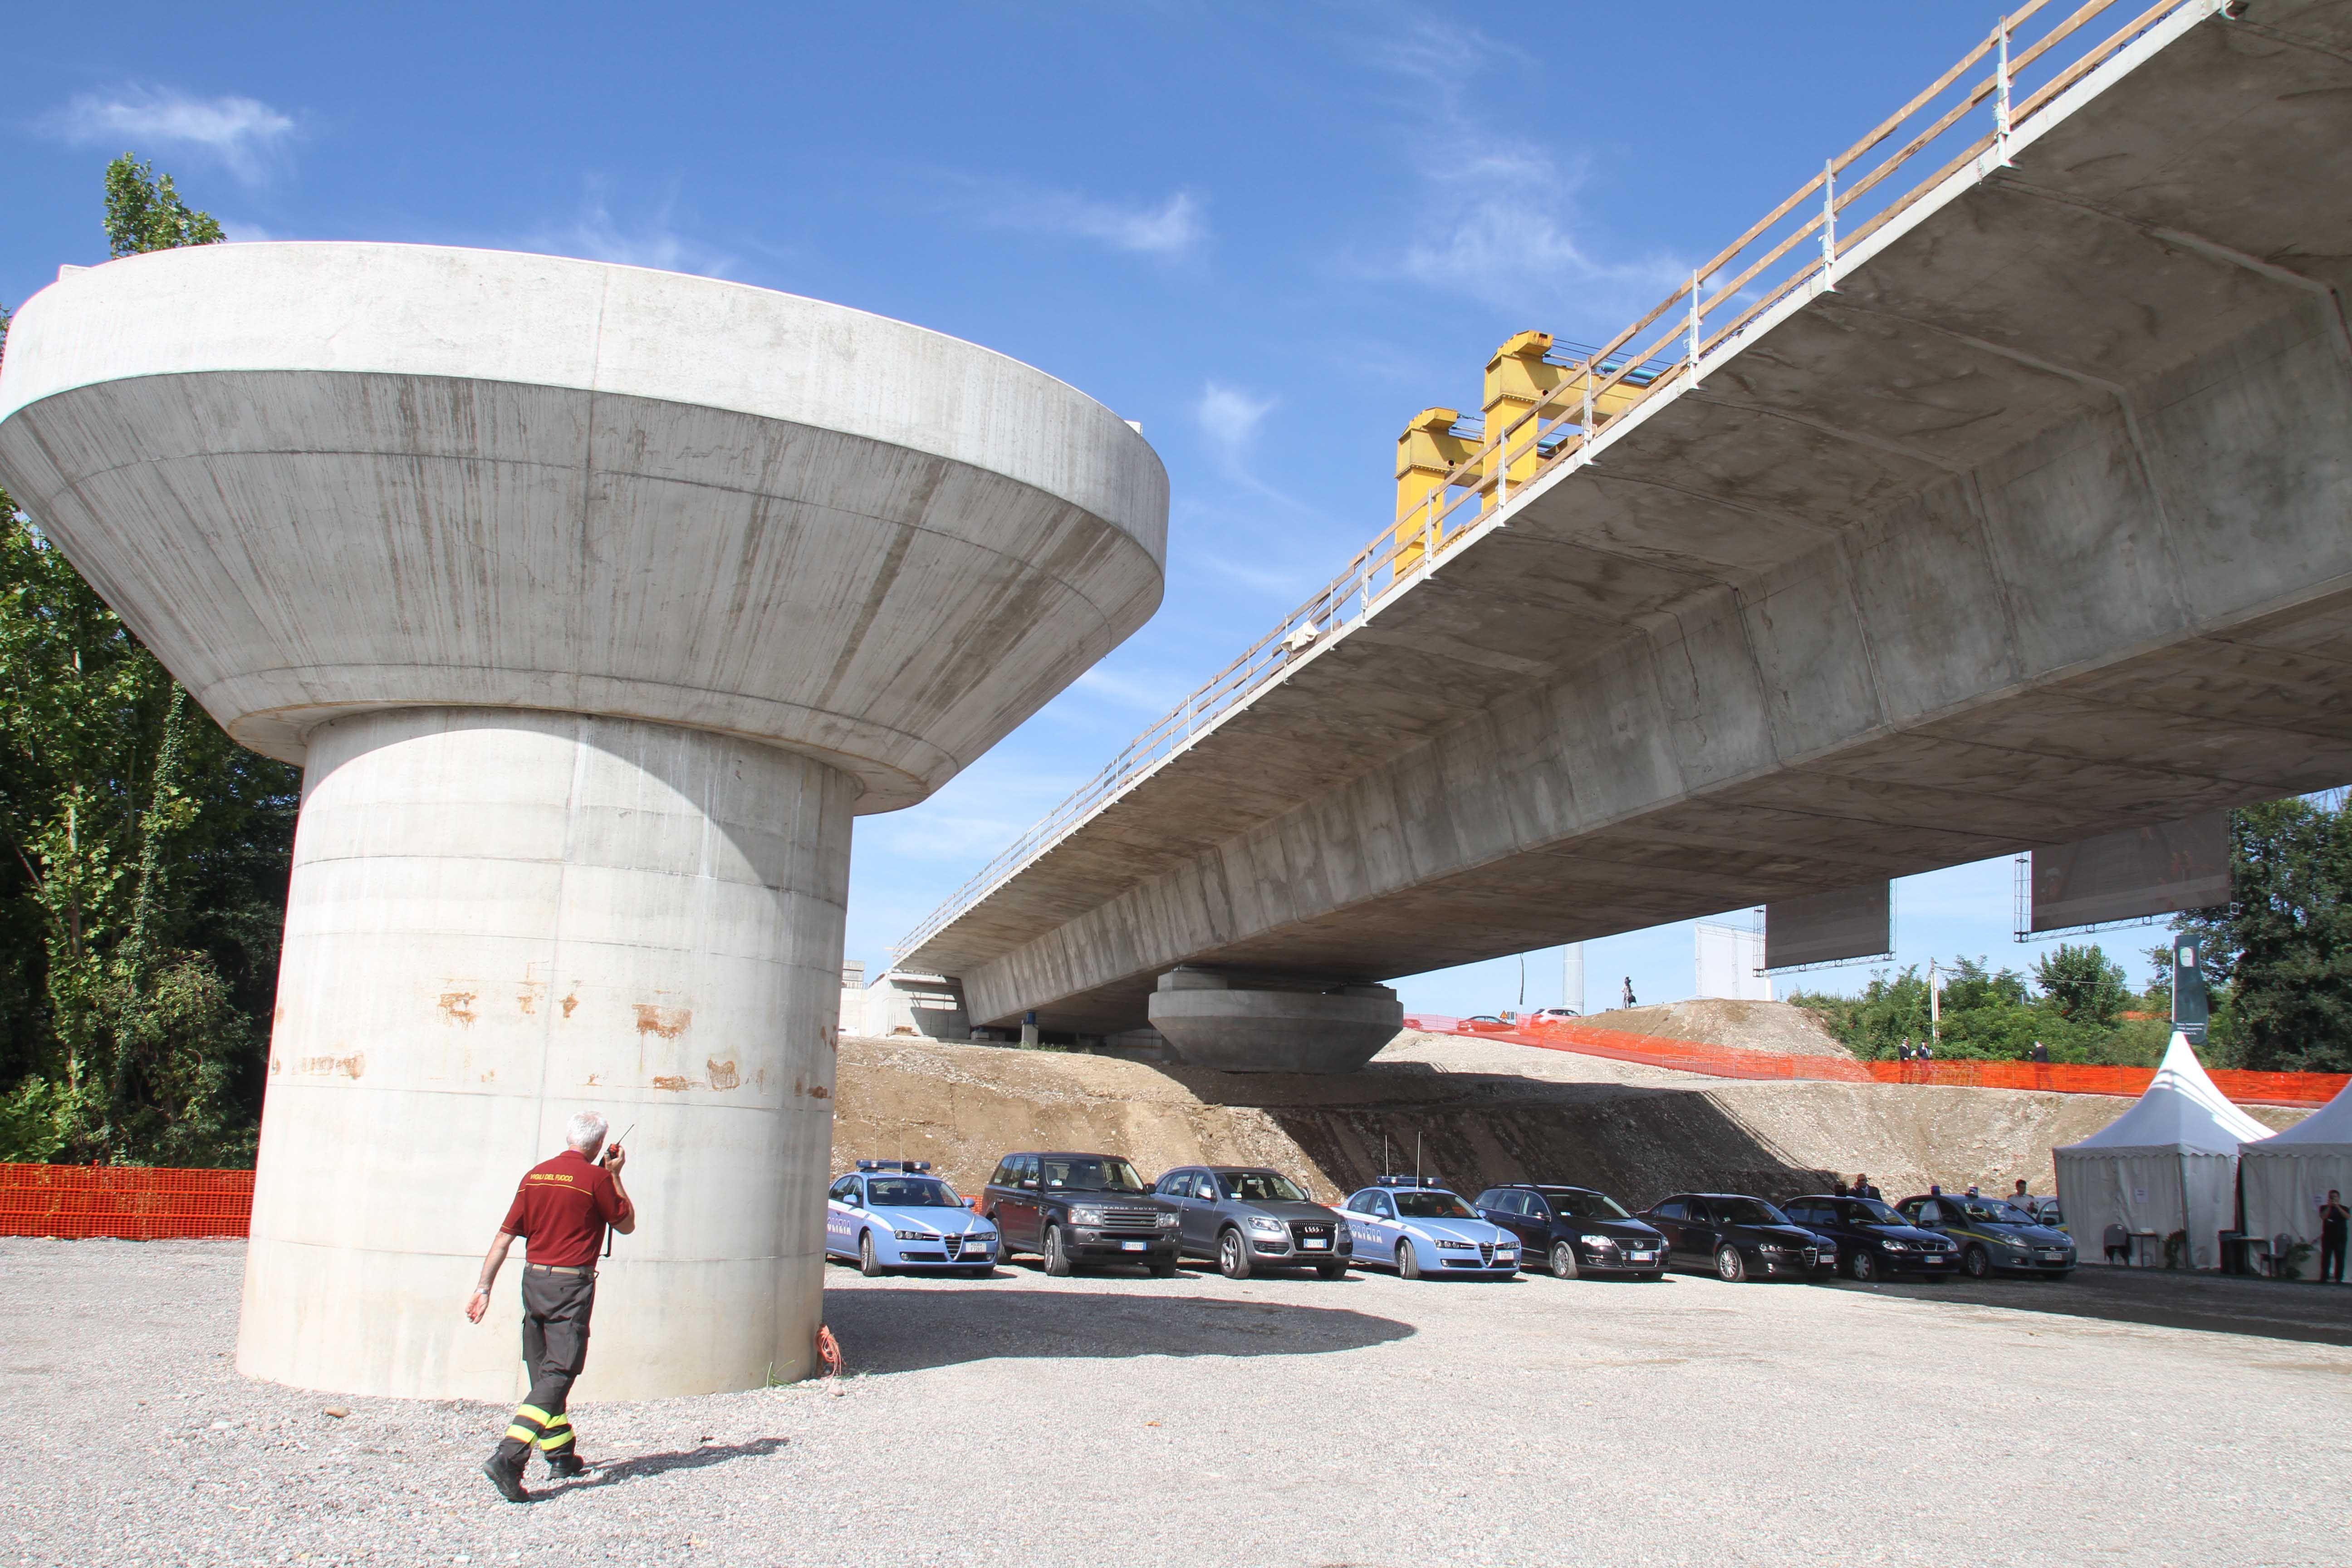 Sulla Bergamo-Treviglio viaggeranno 23 mila auto al giorno (Fotogramma)